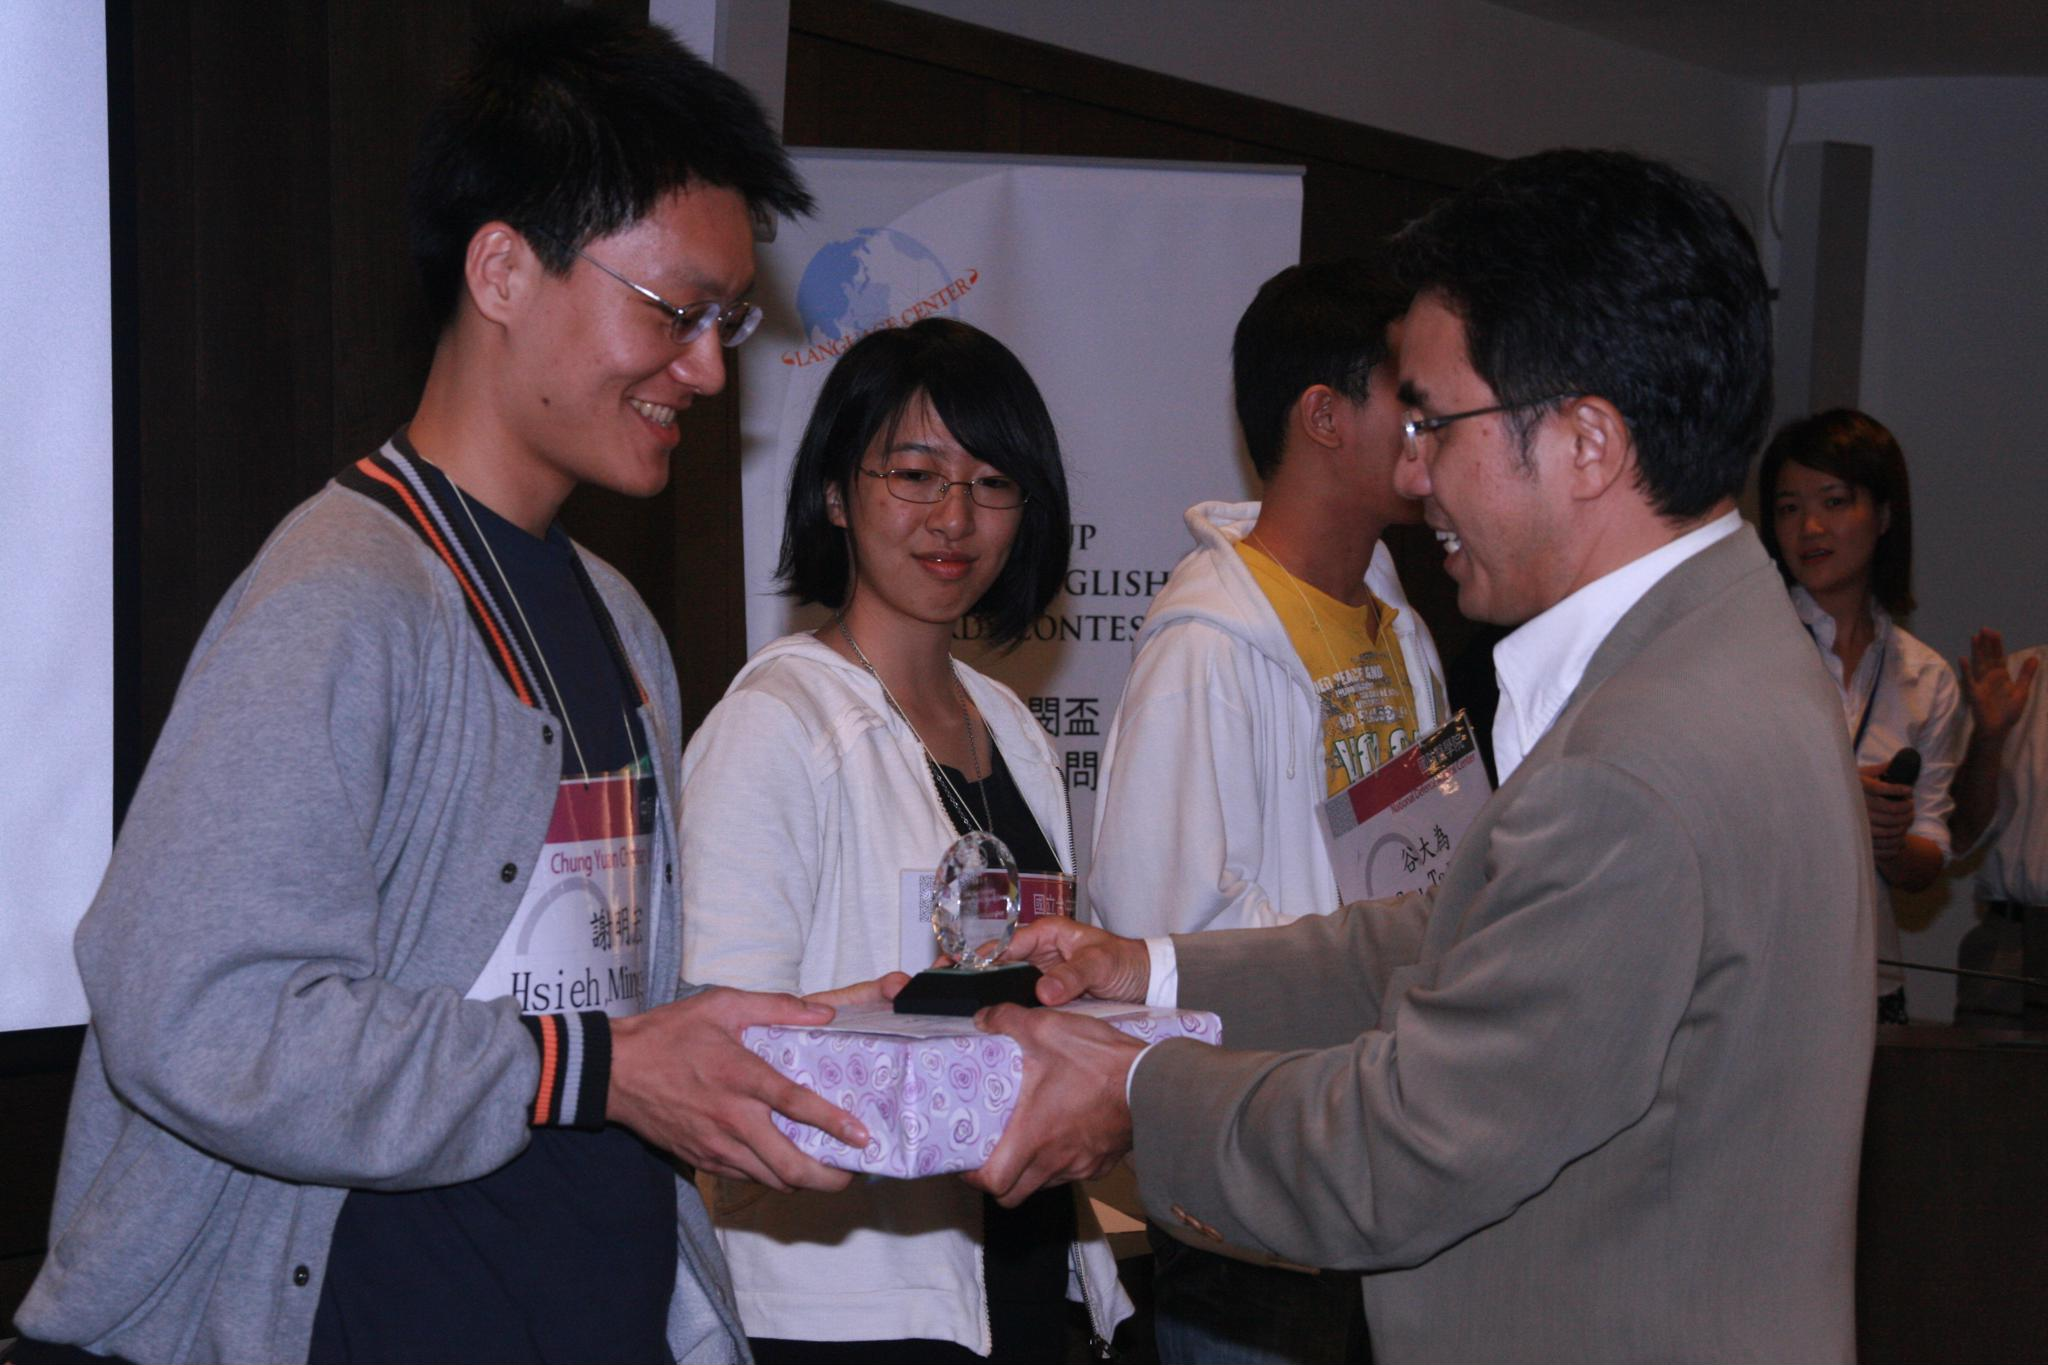 賀!應外三謝明宏榮獲東閔盃全國英語機智問答比賽大專組冠軍